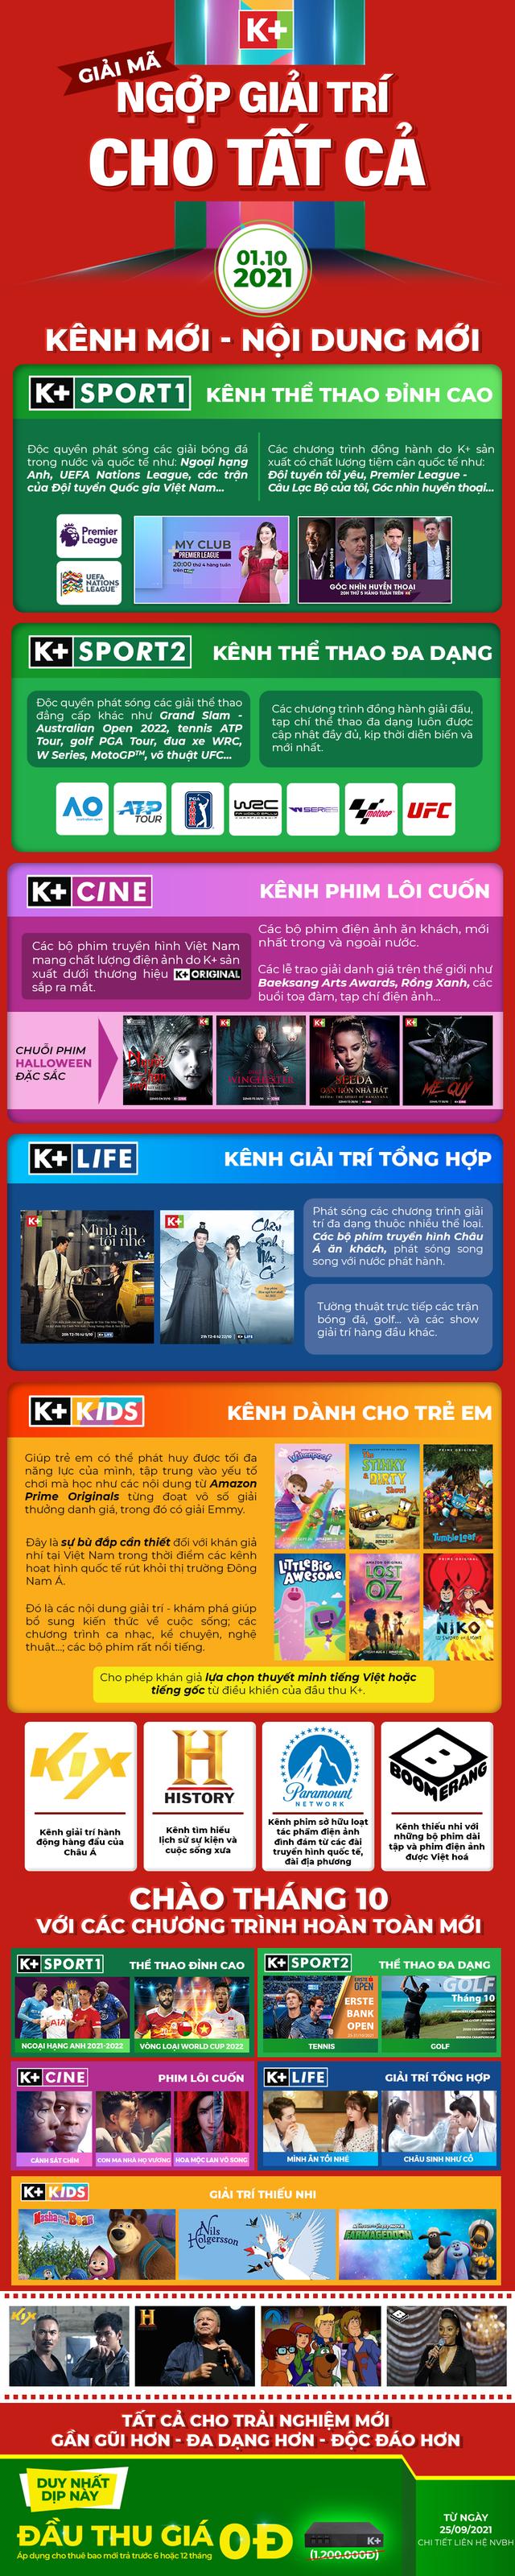 Infographic: Giải mã ngợp giải trí cho tất cả của K+ - ảnh 1